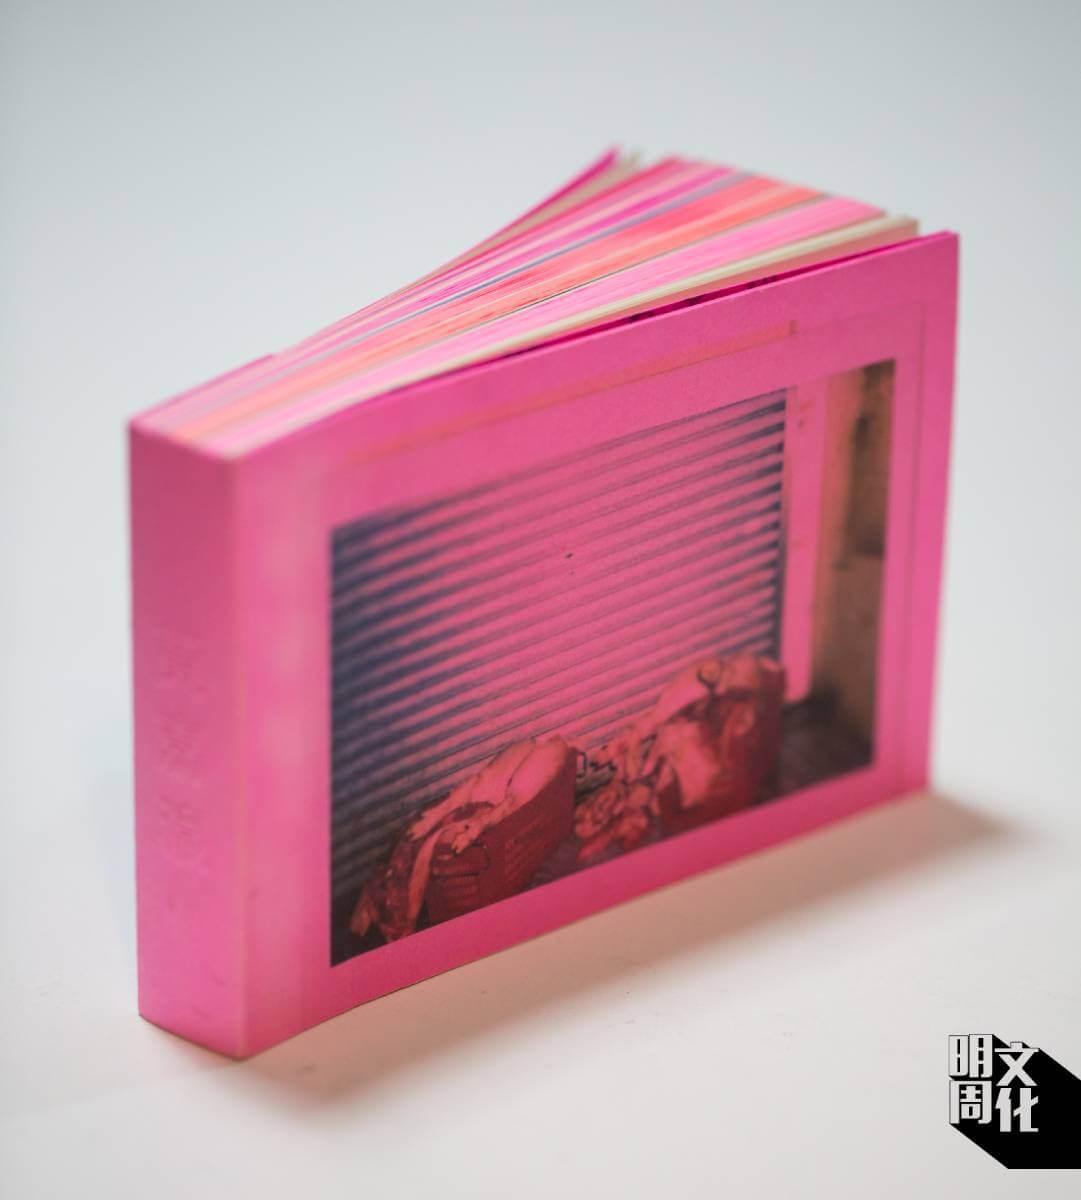 黃嘉瀛的同名藝術書,用了不同層次的粉紅色紙,印上她的手寫日記和寶麗萊照片。